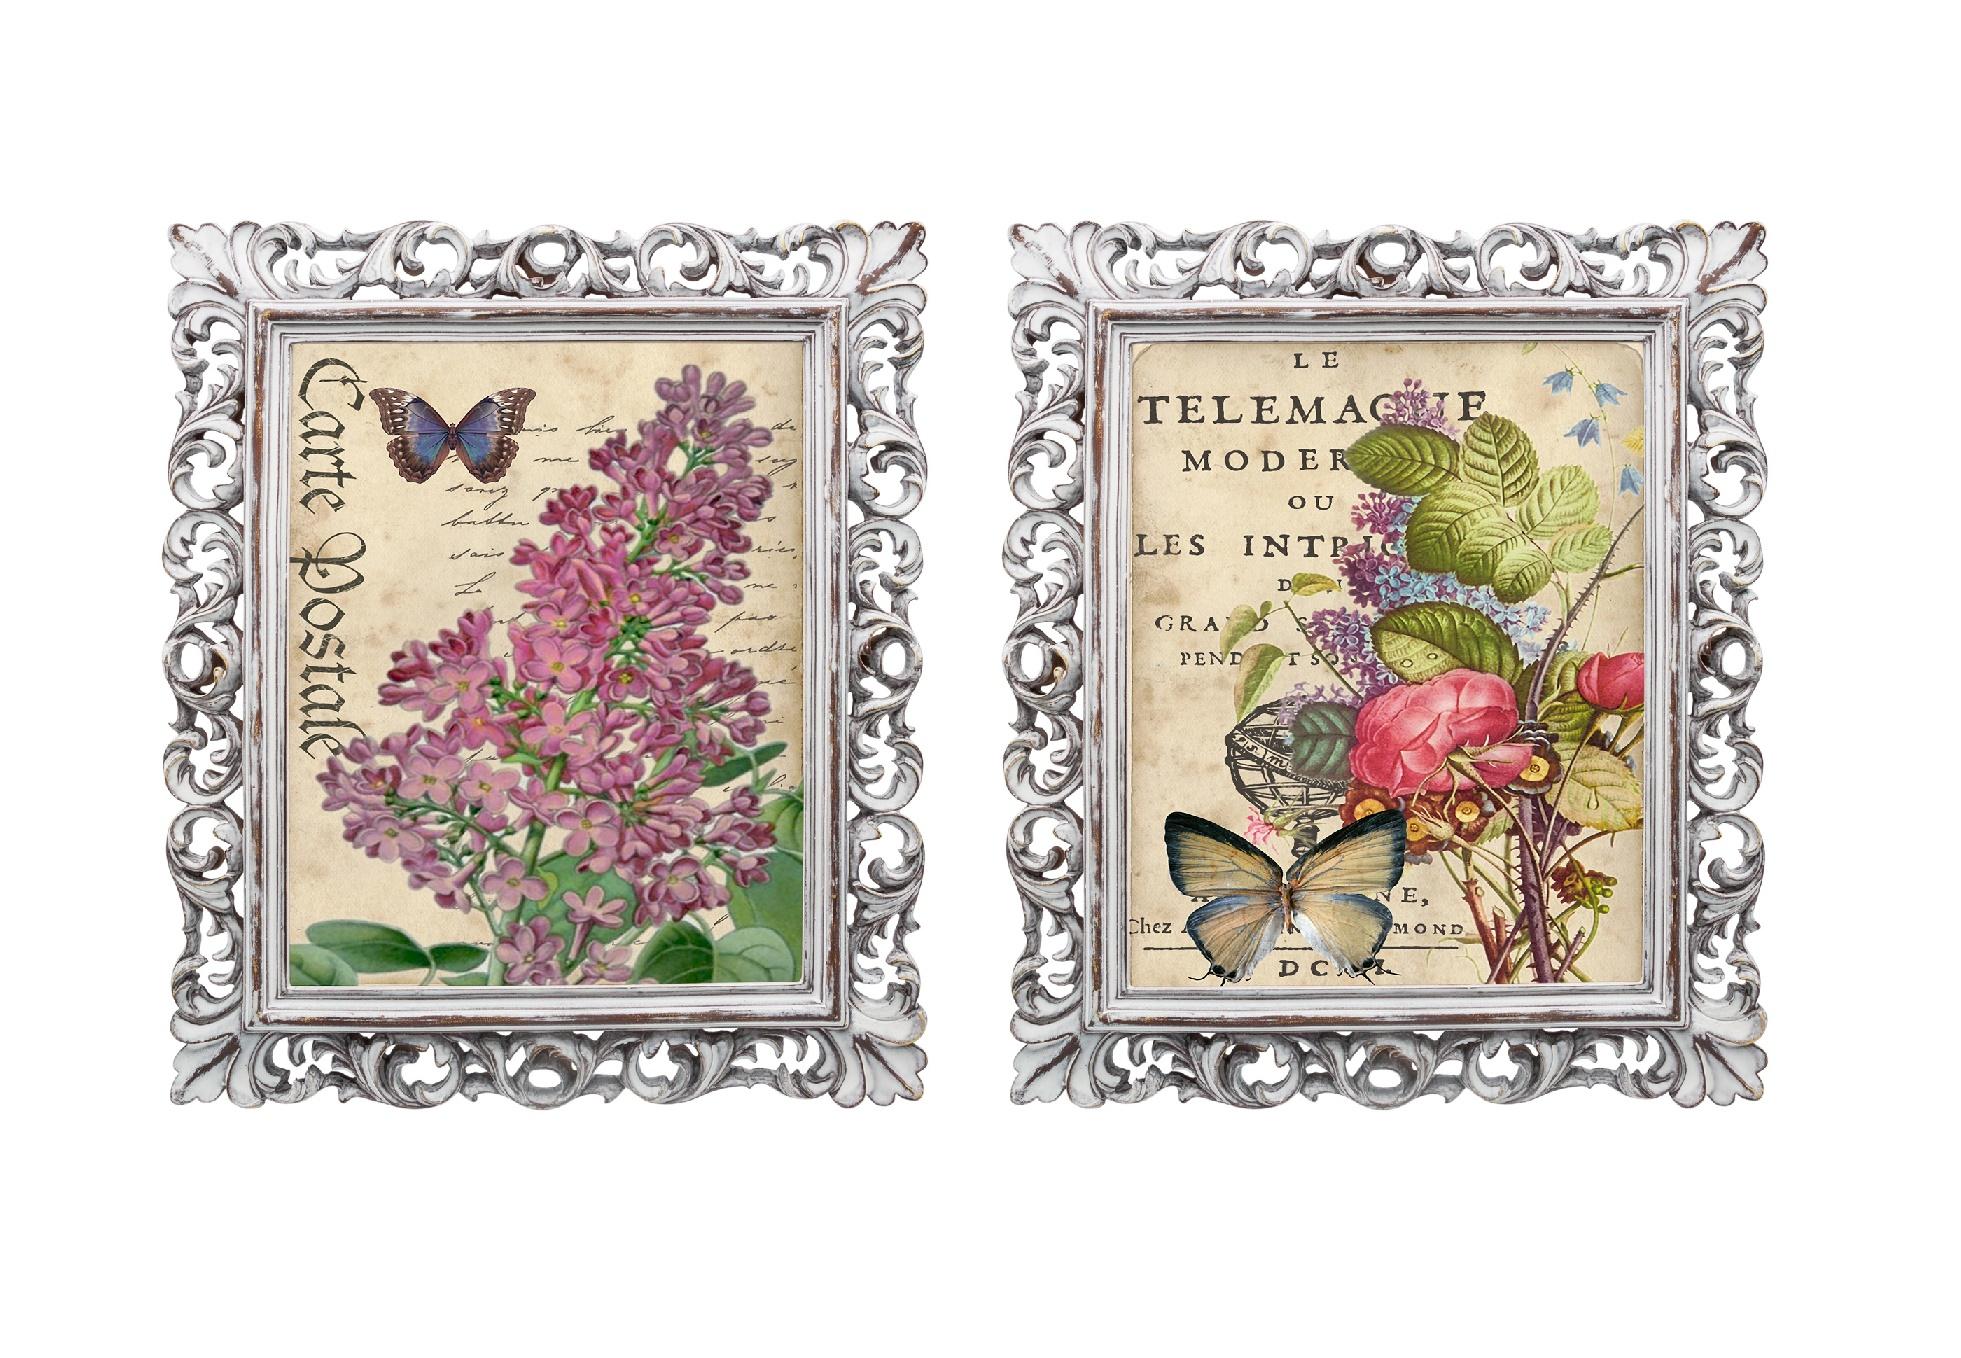 Набор из двух репродукций МадленКартины<br>Репродукции старинных картин &amp;quot;Дивный сад&amp;quot; помогут Вам создать атмосферу, располагающую к уюту. Они дополнят романтический образ Вашего интерьера. Изображения обрамлены ажурными рамами, искусная техника состаривания придает изделию особую теплоту и загадочность. Благородная патина на поверхности рамы — интригующее приглашение к прогулке в мир старинных реликвий! Изображение картины наполнено уникальными эмоциями и тайной, скрытой под кристально прозрачным стеклом. Картину можно повесить на стену, а можно поставить, например, на стол или камин. Защитный стеклянный слой гарантирует долгую жизнь прекрасному изображению. А если Вам захочется обновить интерьер, Вы можете с легкостью заменить изображение картины!&amp;lt;div&amp;gt;&amp;lt;br&amp;gt;&amp;lt;/div&amp;gt;<br><br>Material: Бумага<br>Ширина см: 28<br>Высота см: 33<br>Глубина см: 2